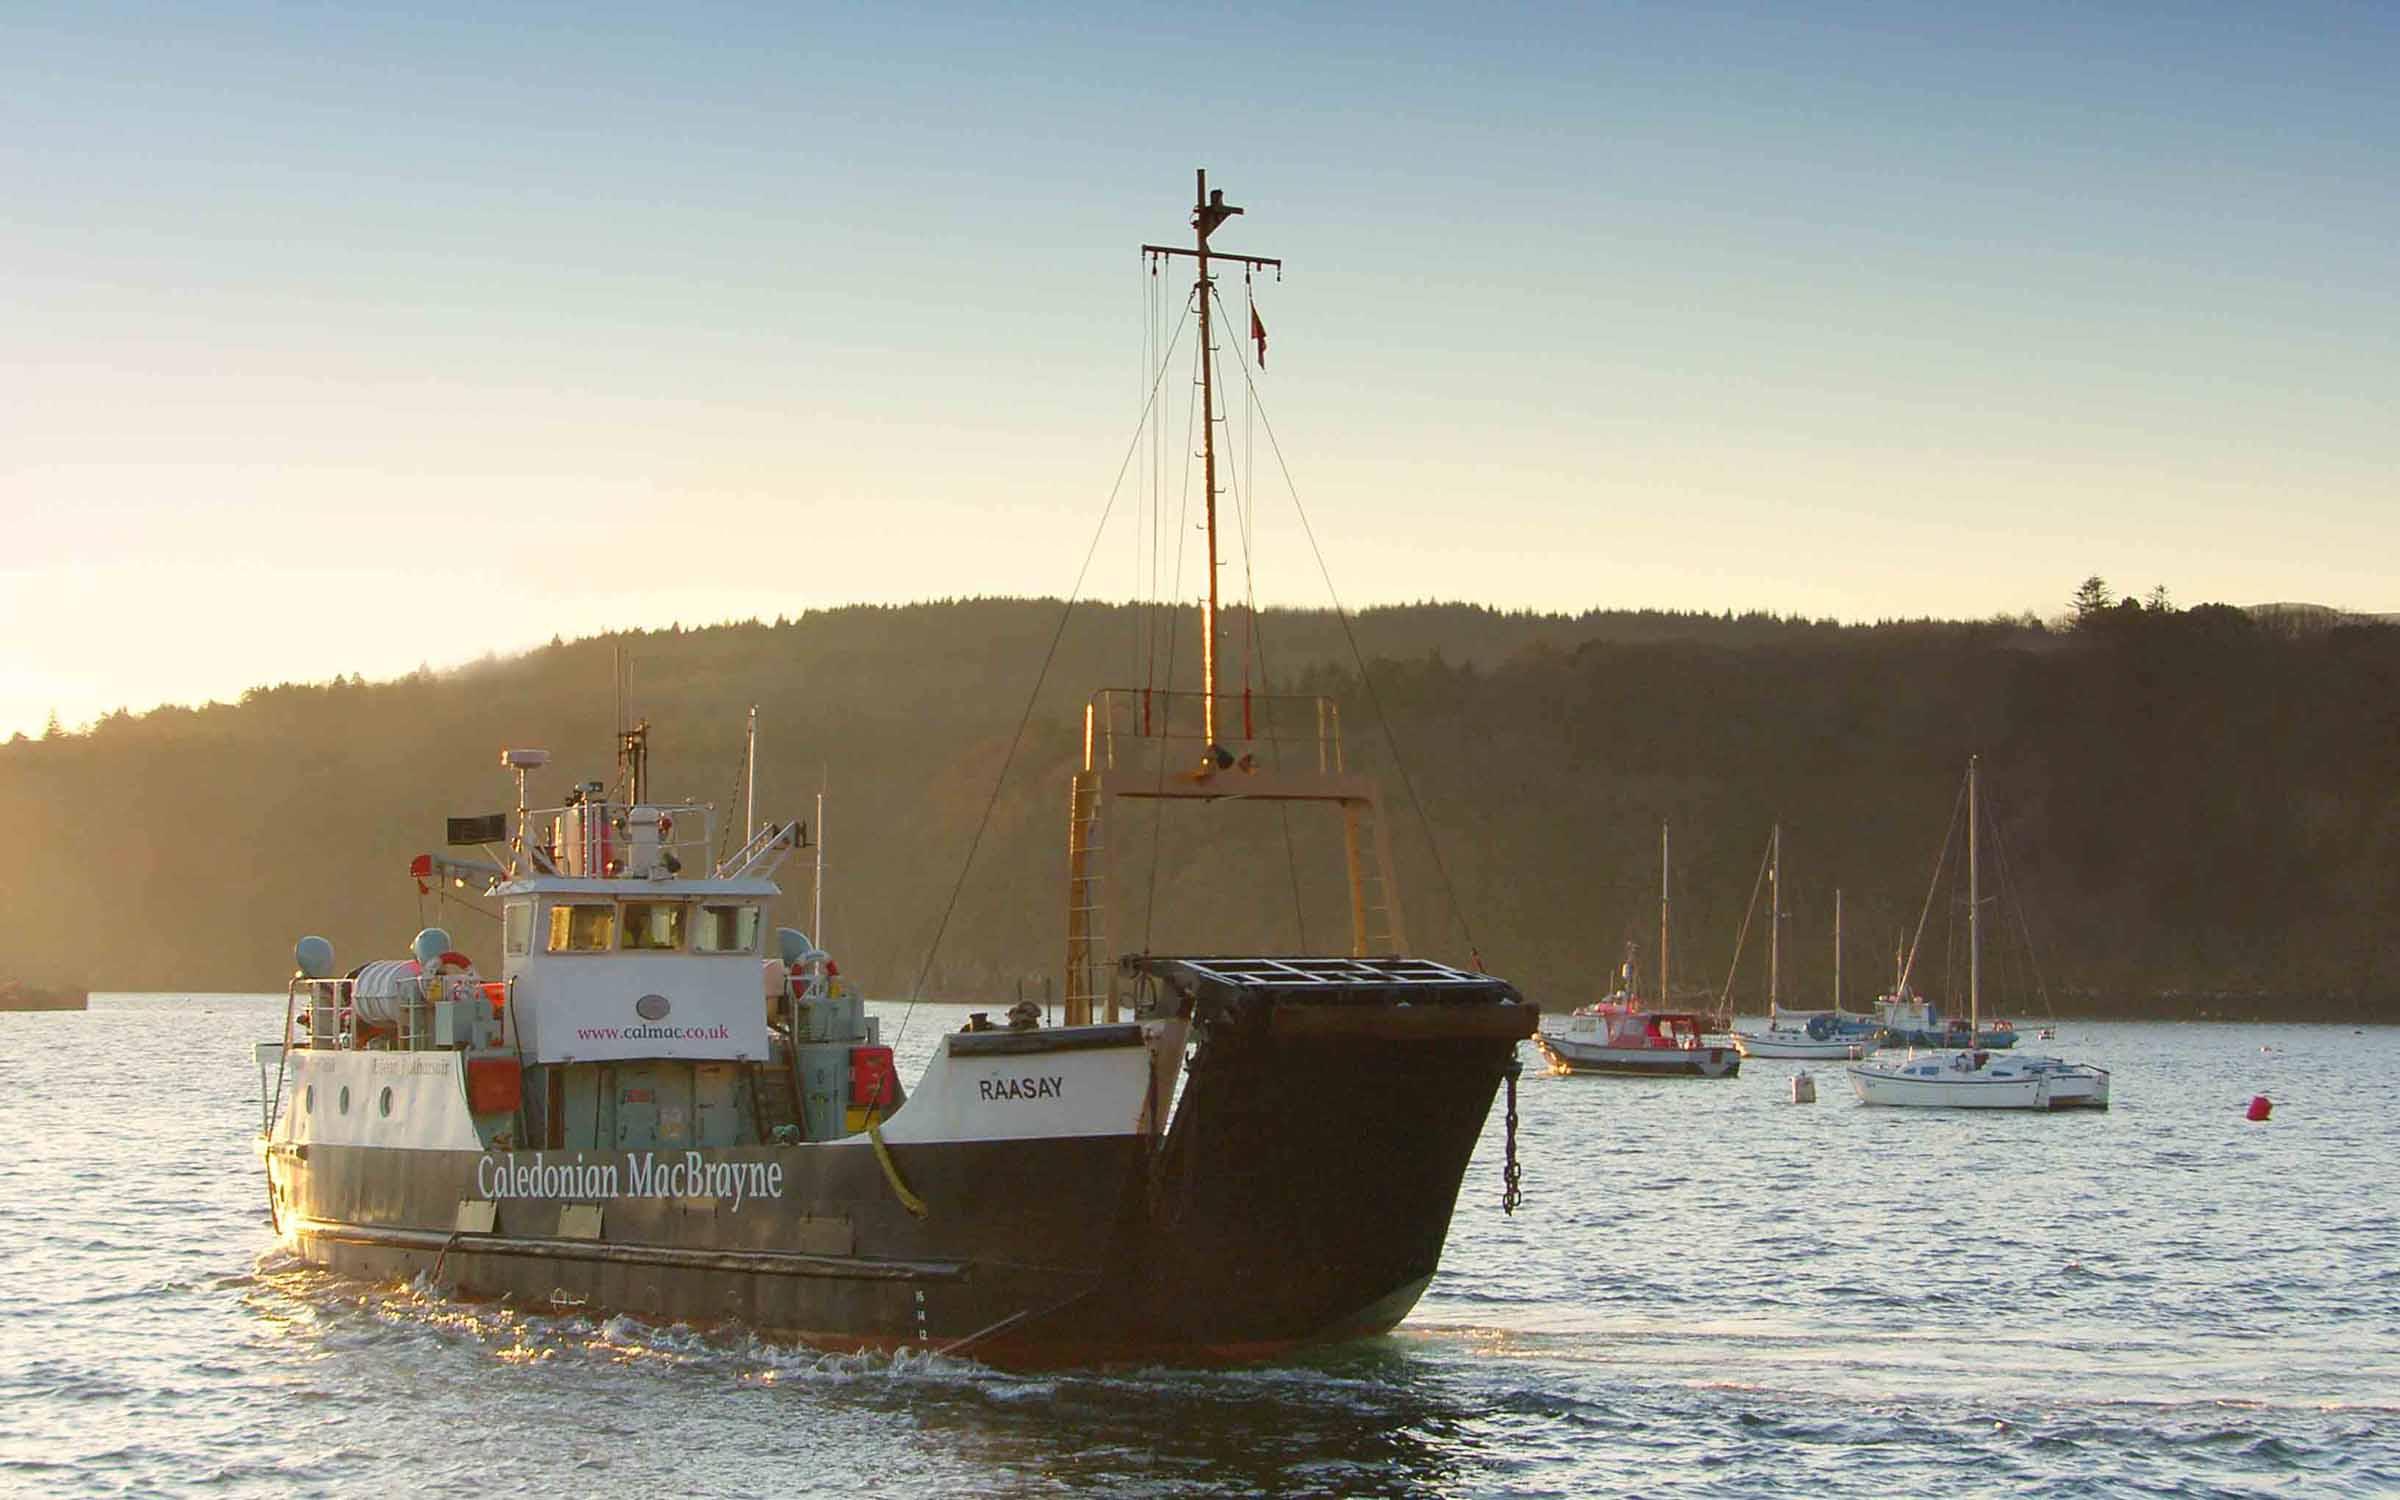 Raasay at Tobermory (Ships of CalMac)